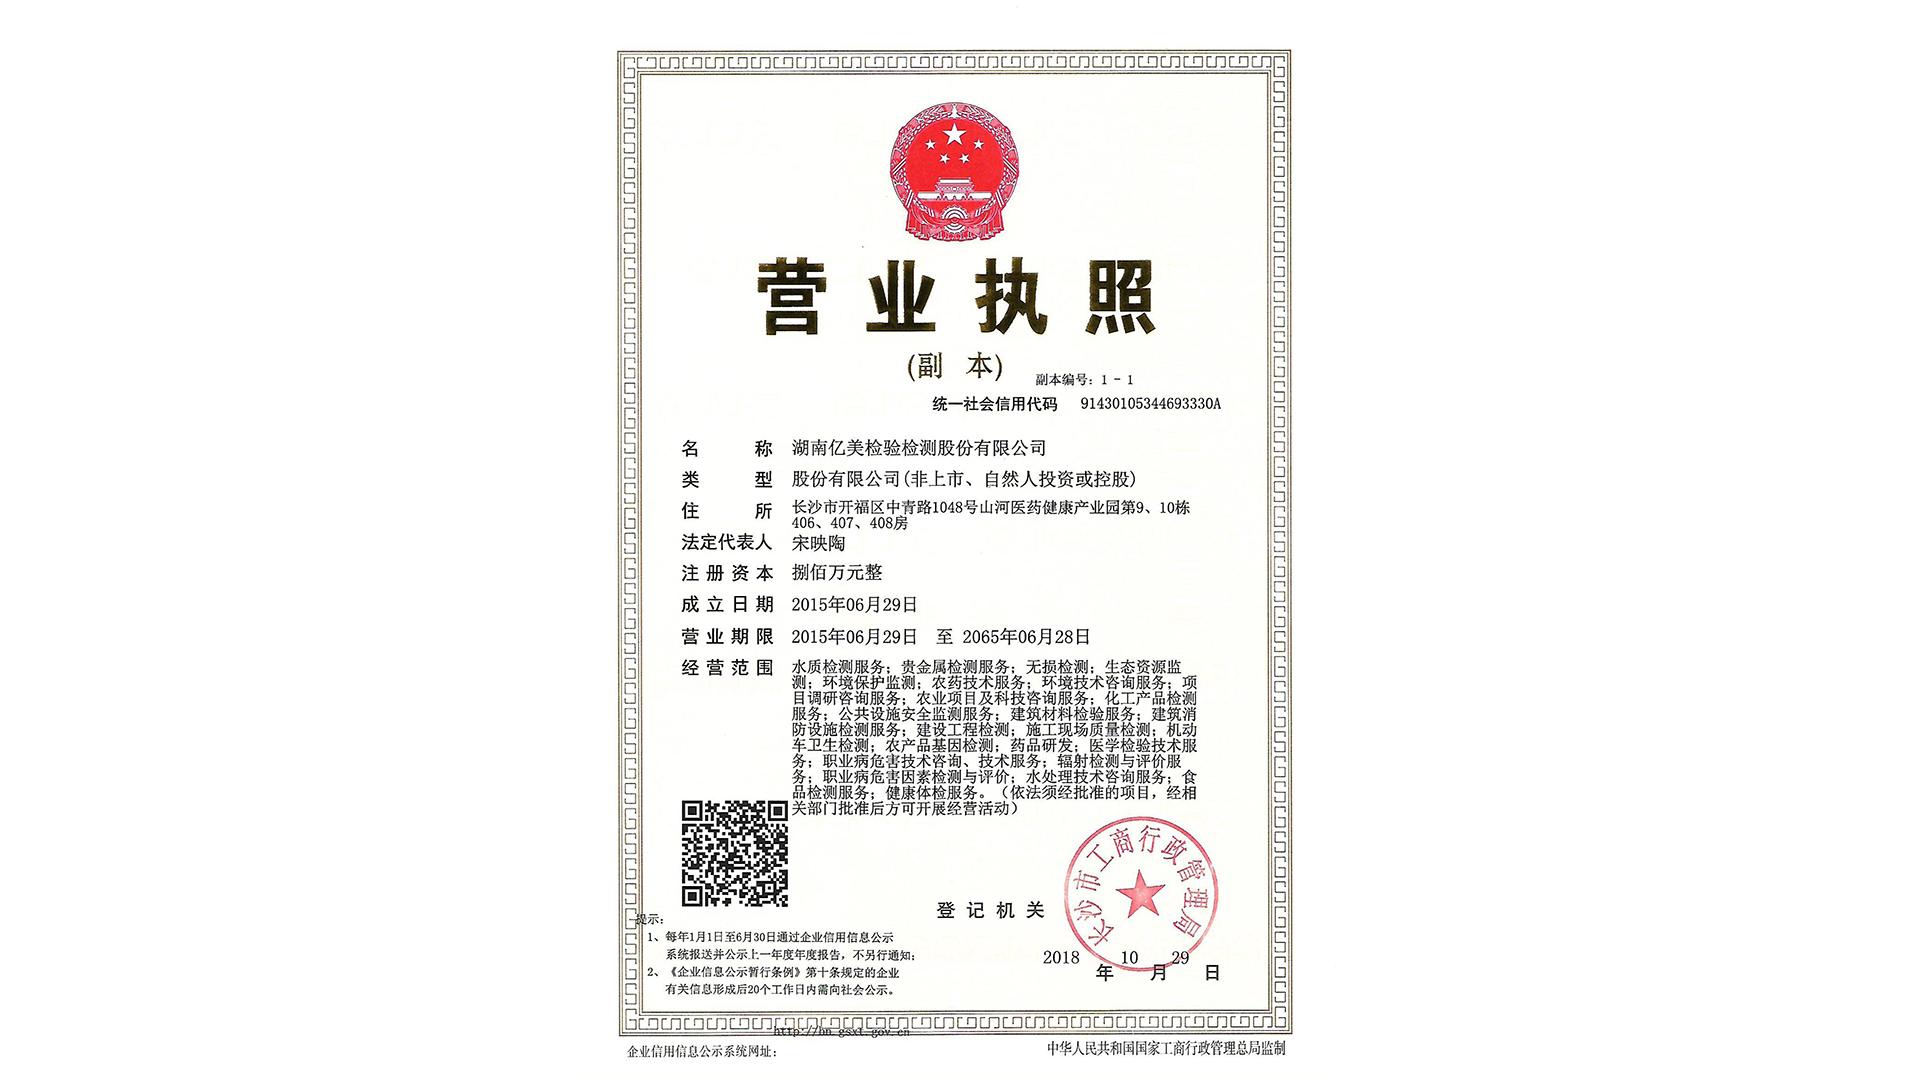 湖南億美檢驗檢測股份有限公司-營業執照